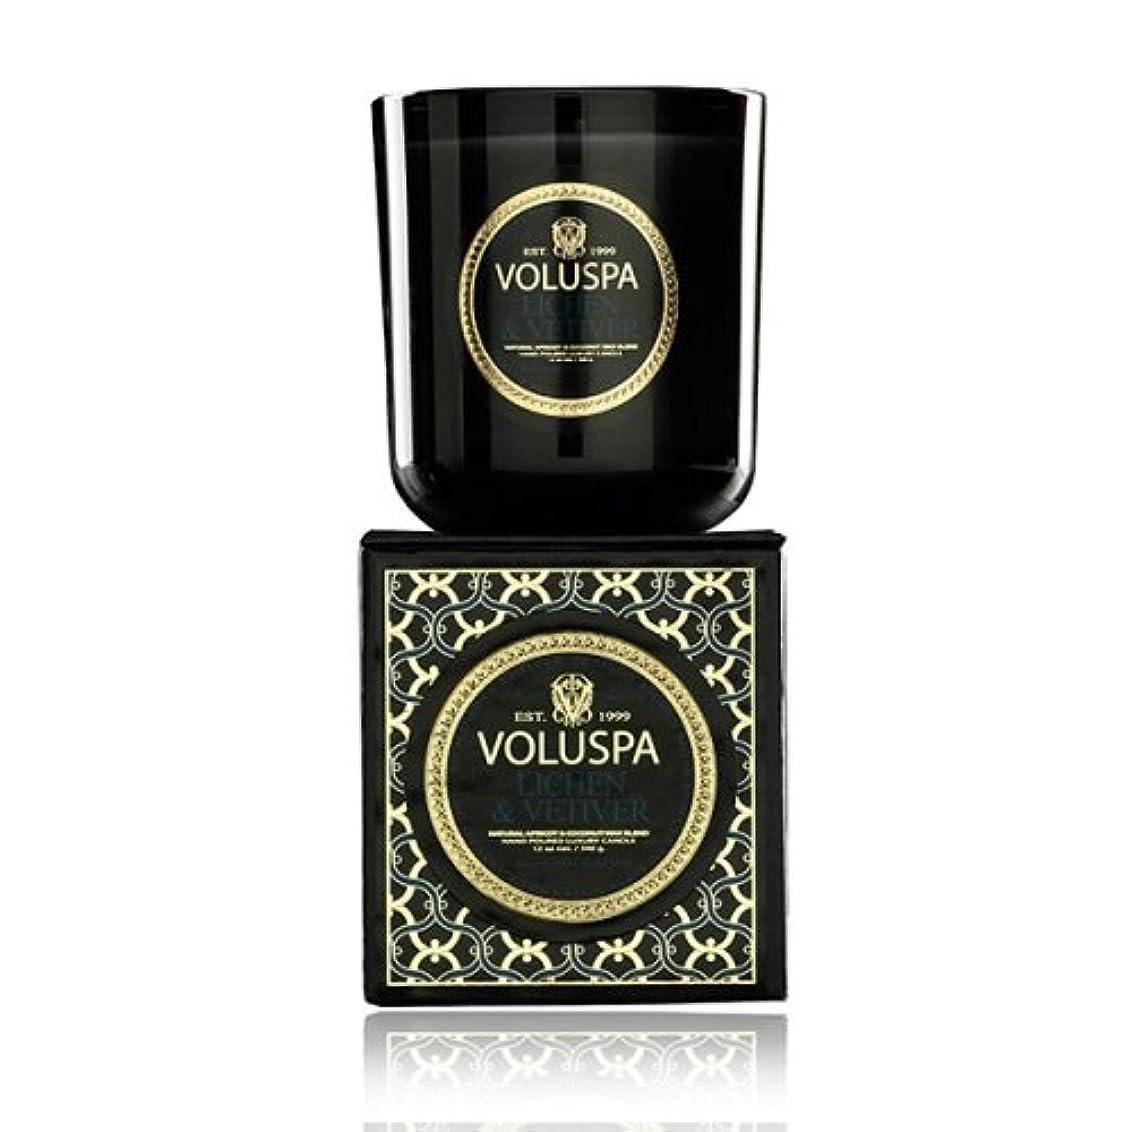 規制パキスタン解任Voluspa ボルスパ メゾンノワール ボックス入りグラスキャンドル ライケン&ベチバー MAISON NOIR Box Glass Candle LICHEN & VETIVER